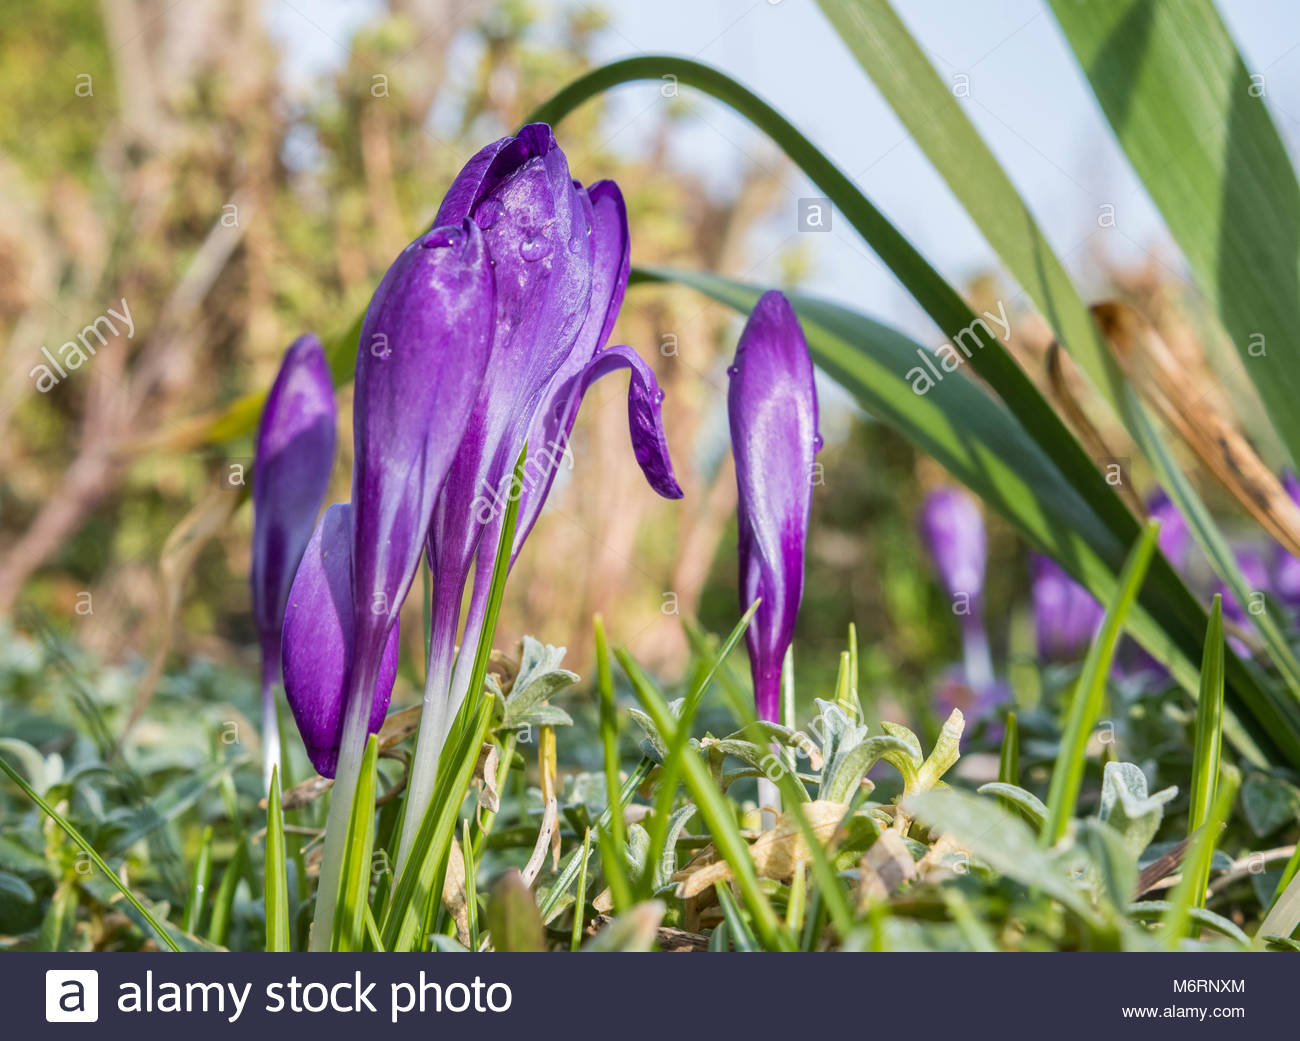 purple-closed-crocuses-growing-in-winter-in-england-uk-crocuses-closed-M6RNXM.jpg